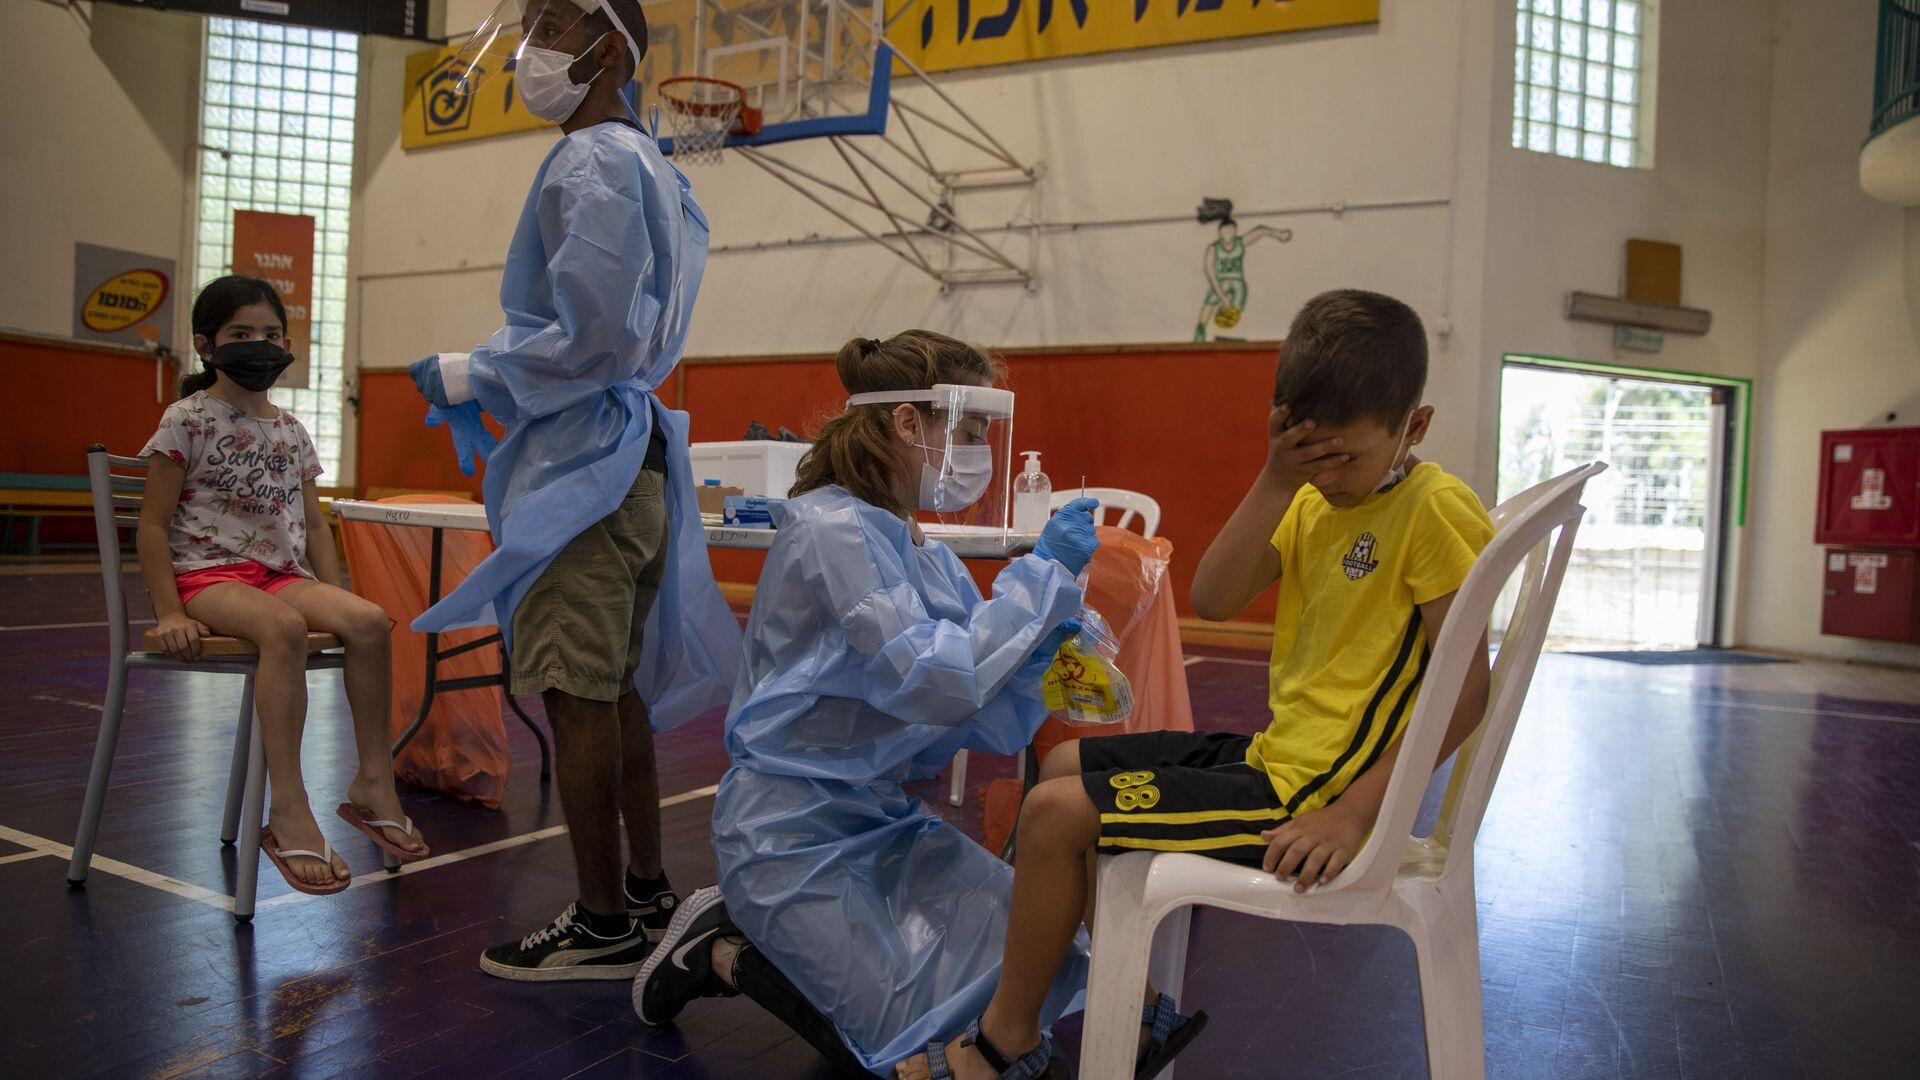 İsrail'de 5-11 yaş arası çocuklara aşı uygulaması başlıyor - Sputnik Türkiye, 1920, 28.07.2021